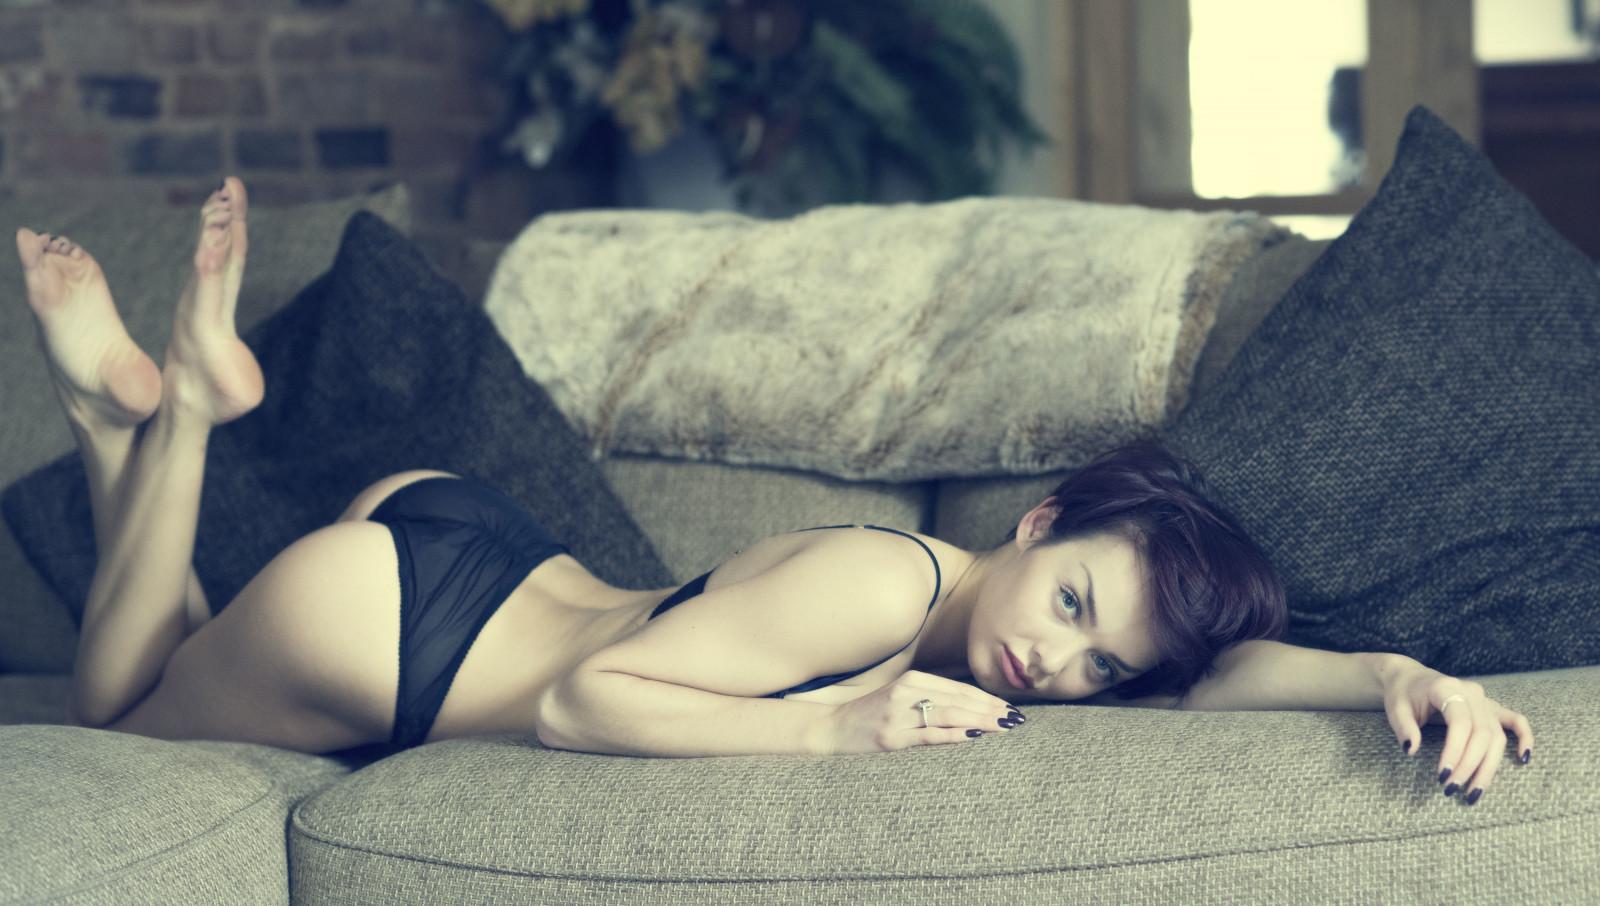 Girl on bed arched back flash porn black